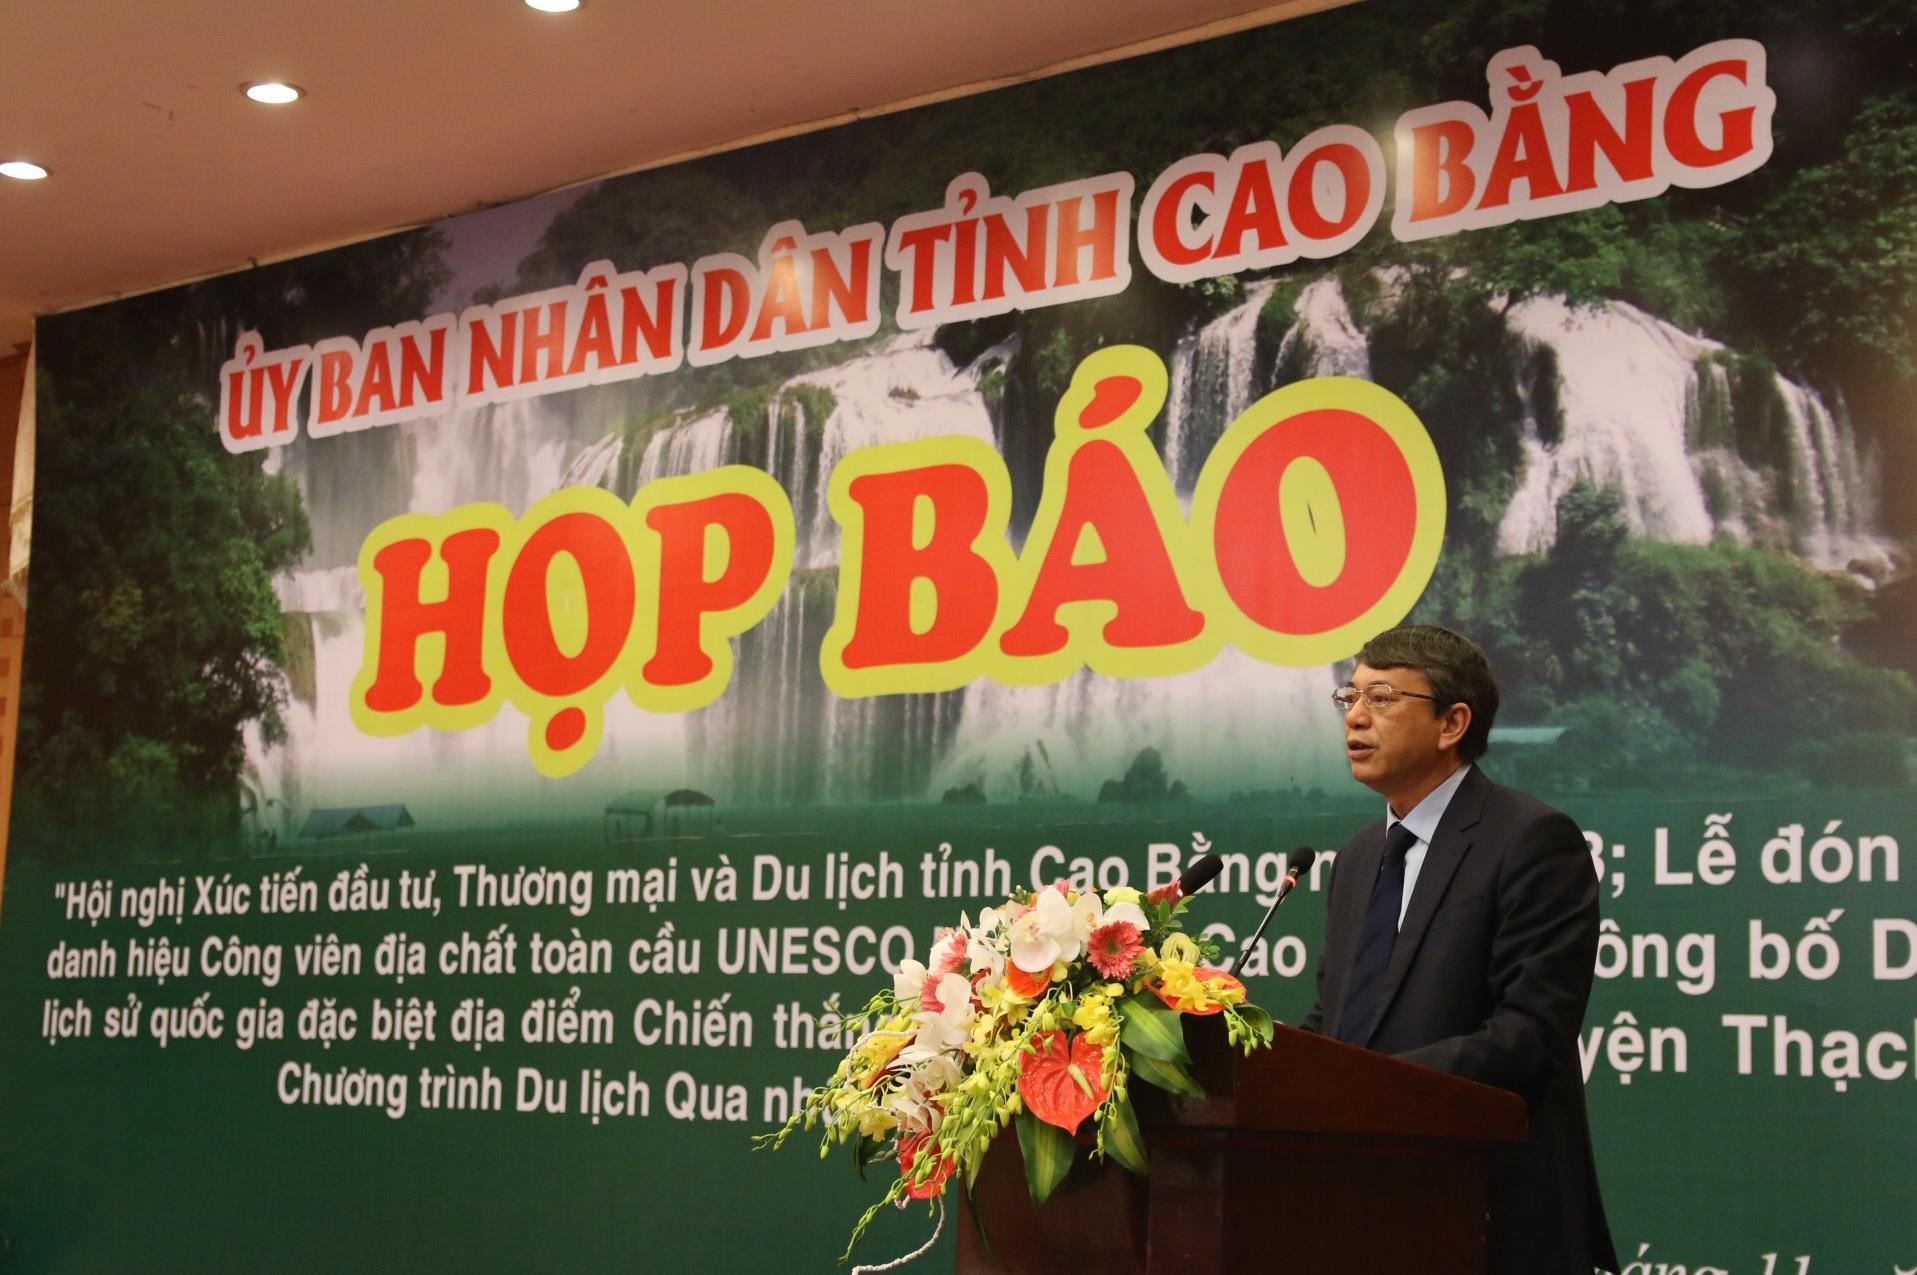 Ông Hoàng Xuân Ánh, Chủ tịch UBND tỉnh Cao bằng chủ trì buổi họp báo